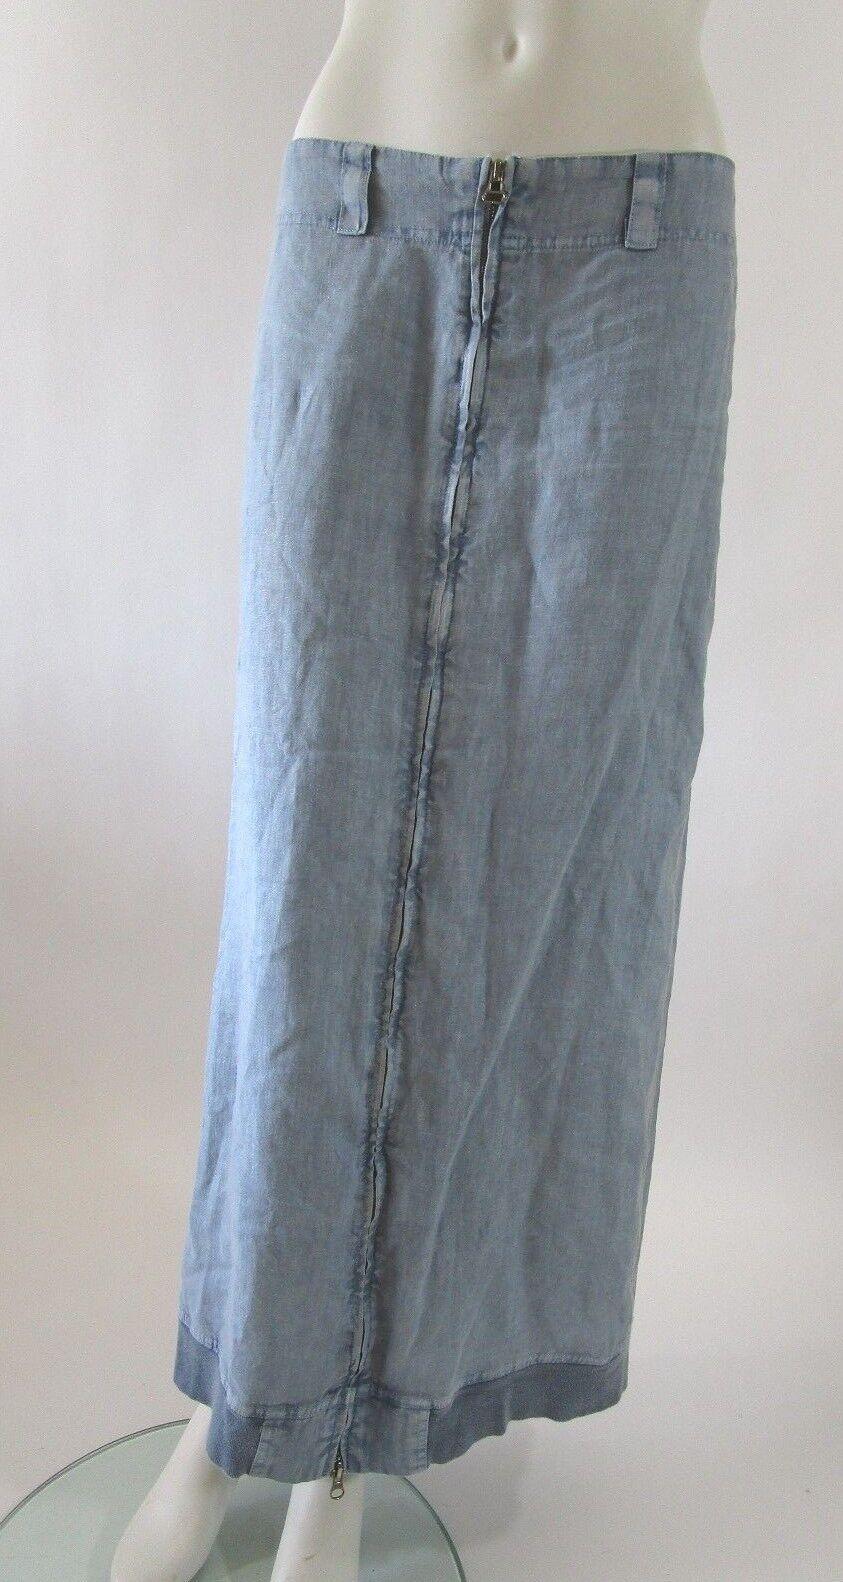 THEODORE BEVERLY HILLS Front Zipper bluee Linen Pencil Skirt Knit Trim Size S